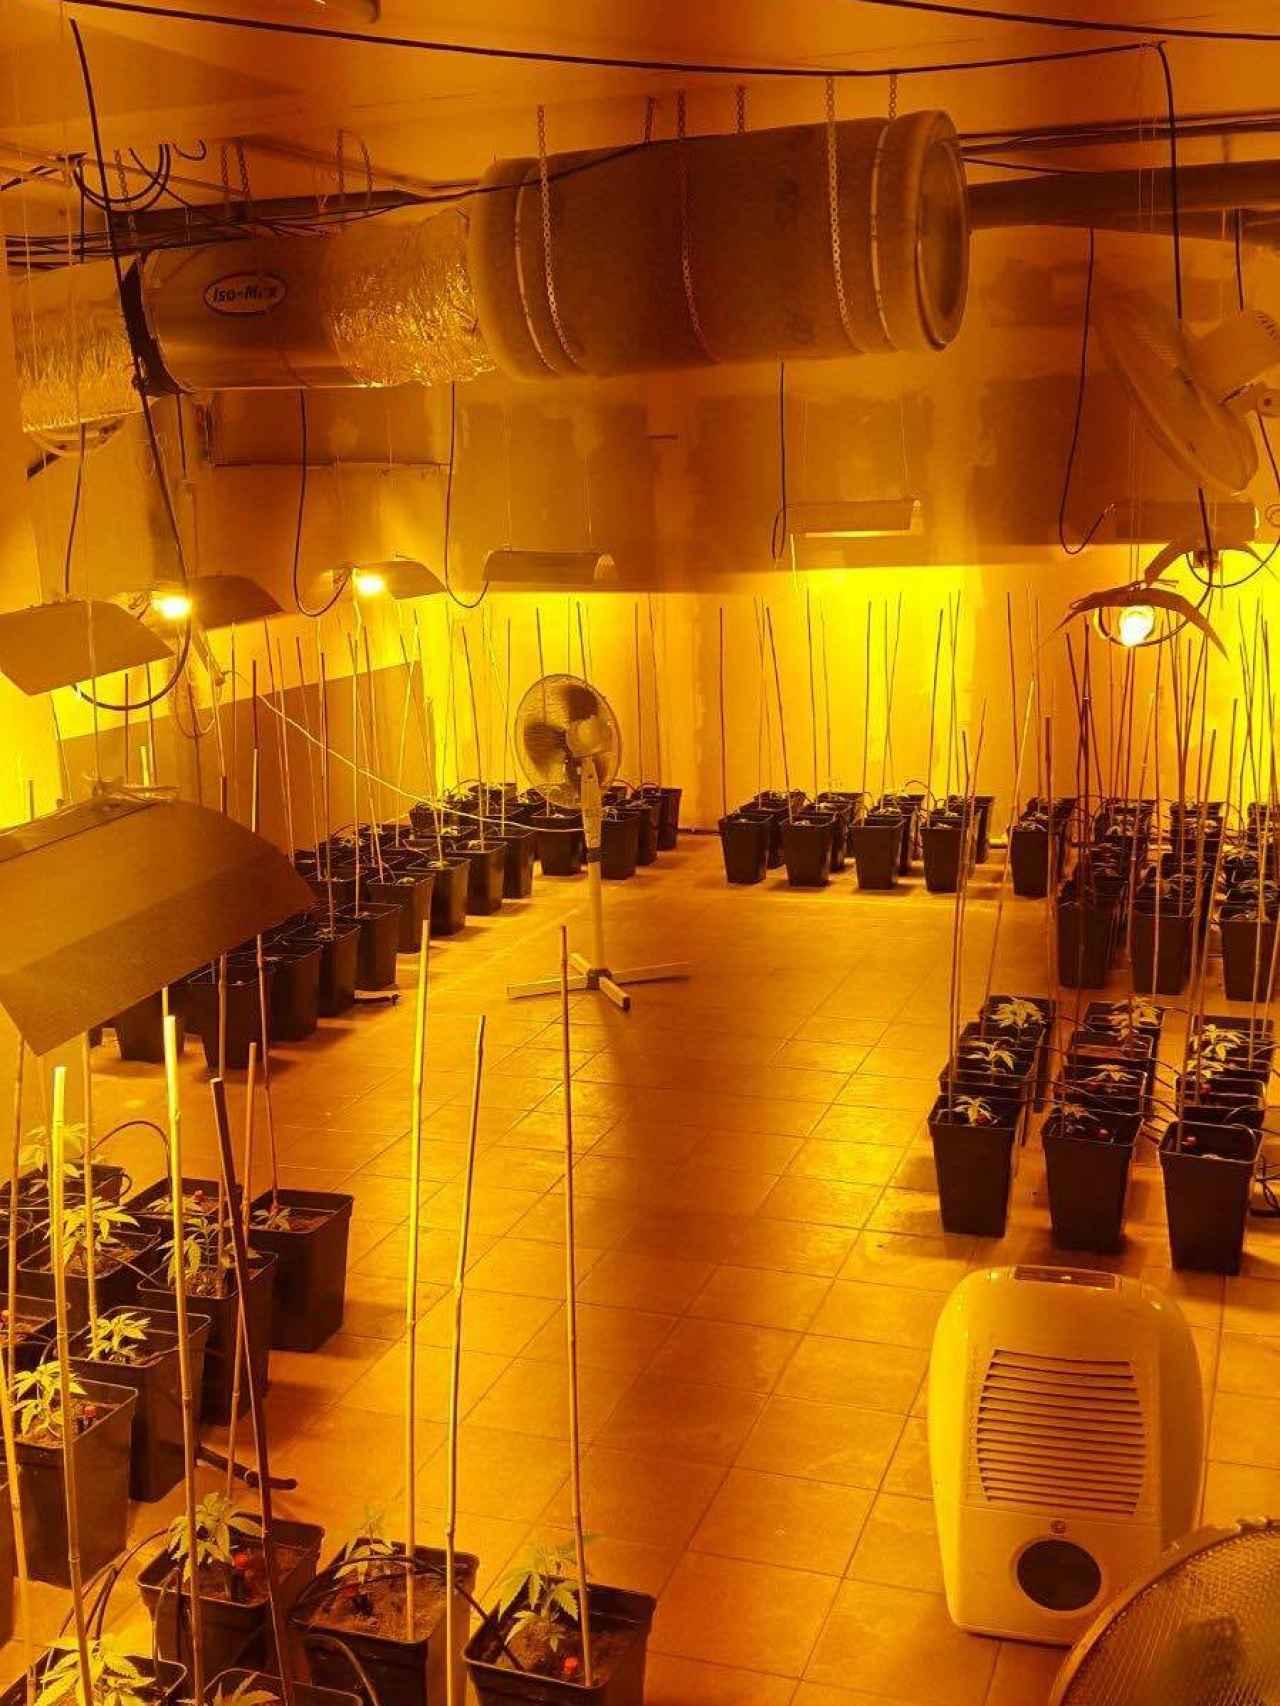 Una sala independiente en la que están creciendo las plantas de marihuana.